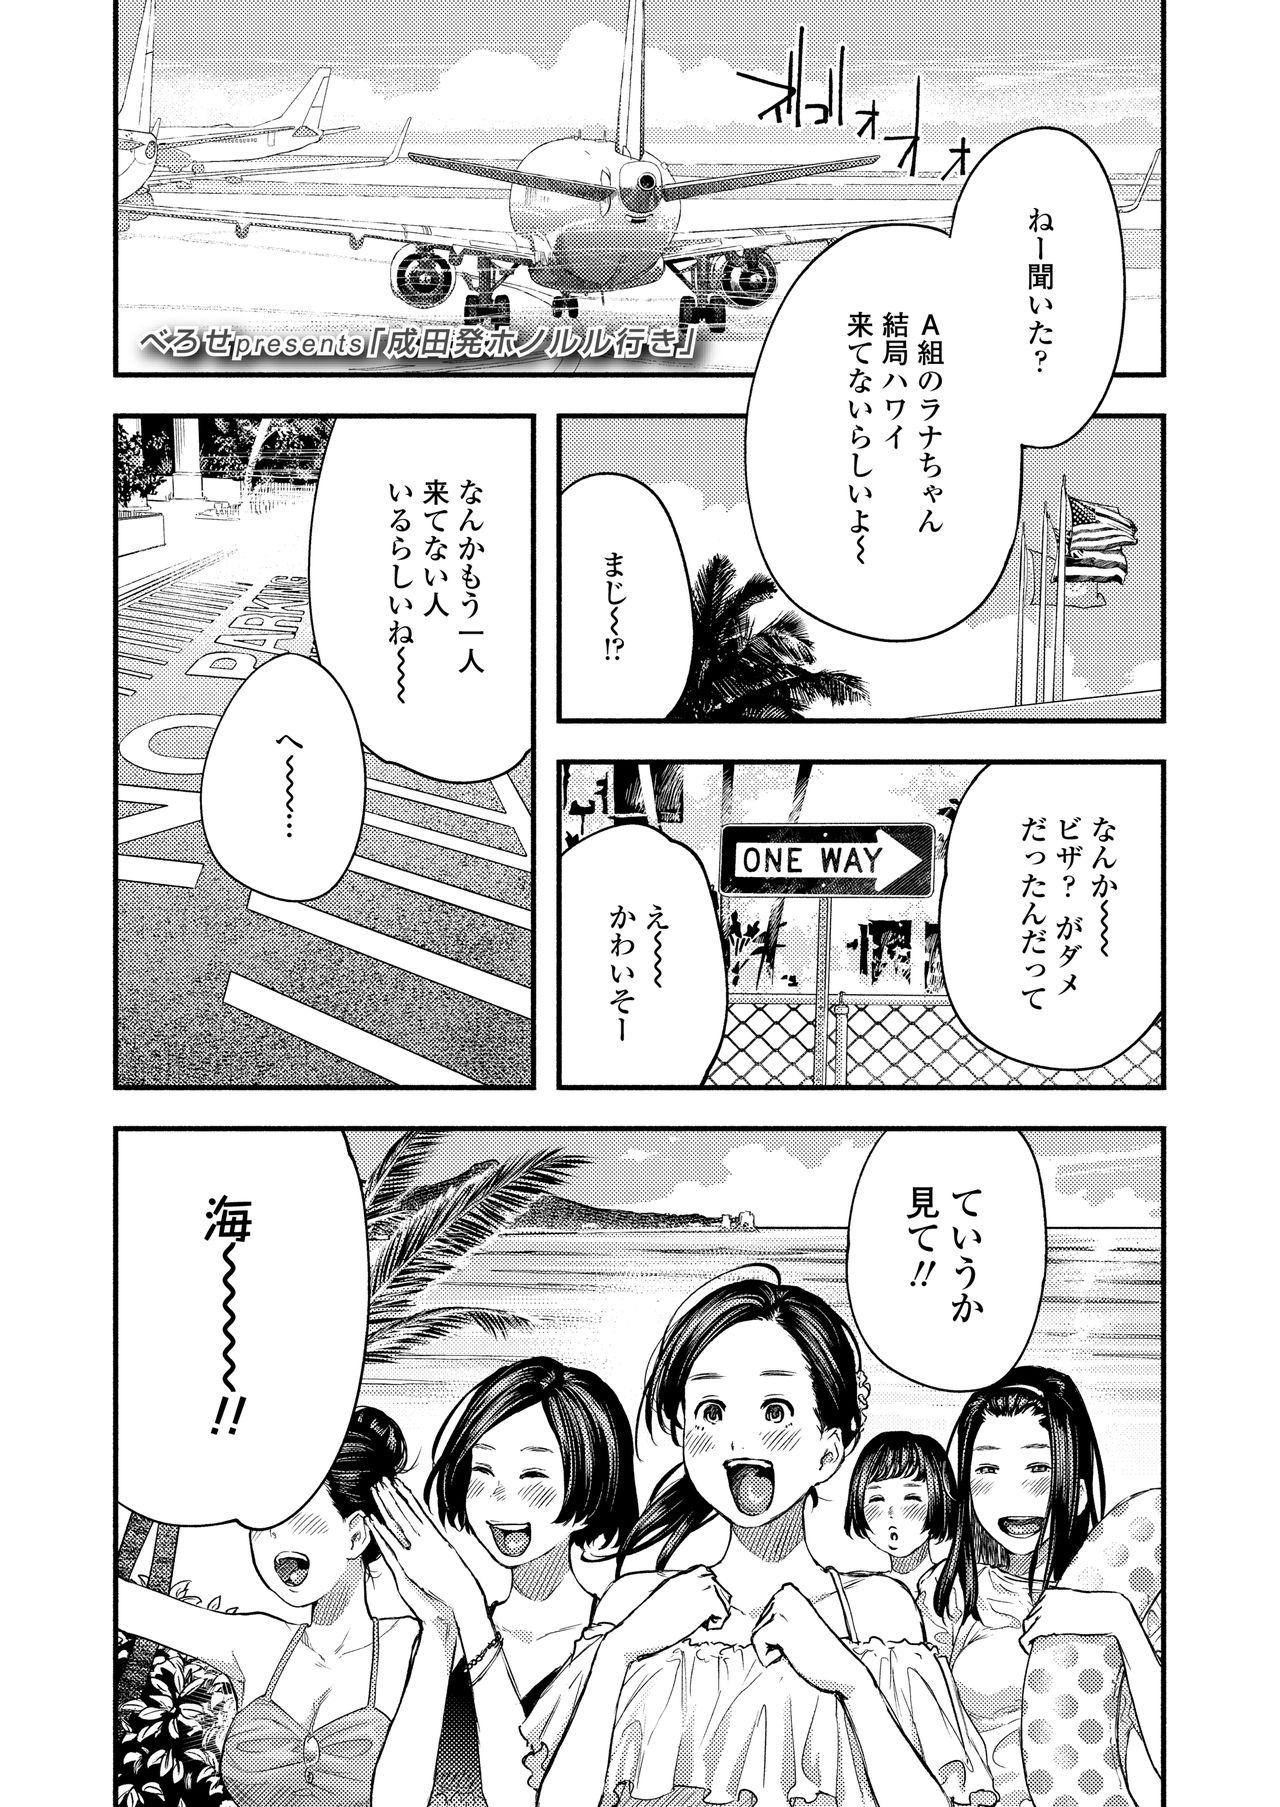 COMIC AOHA 2020 Natsu 66